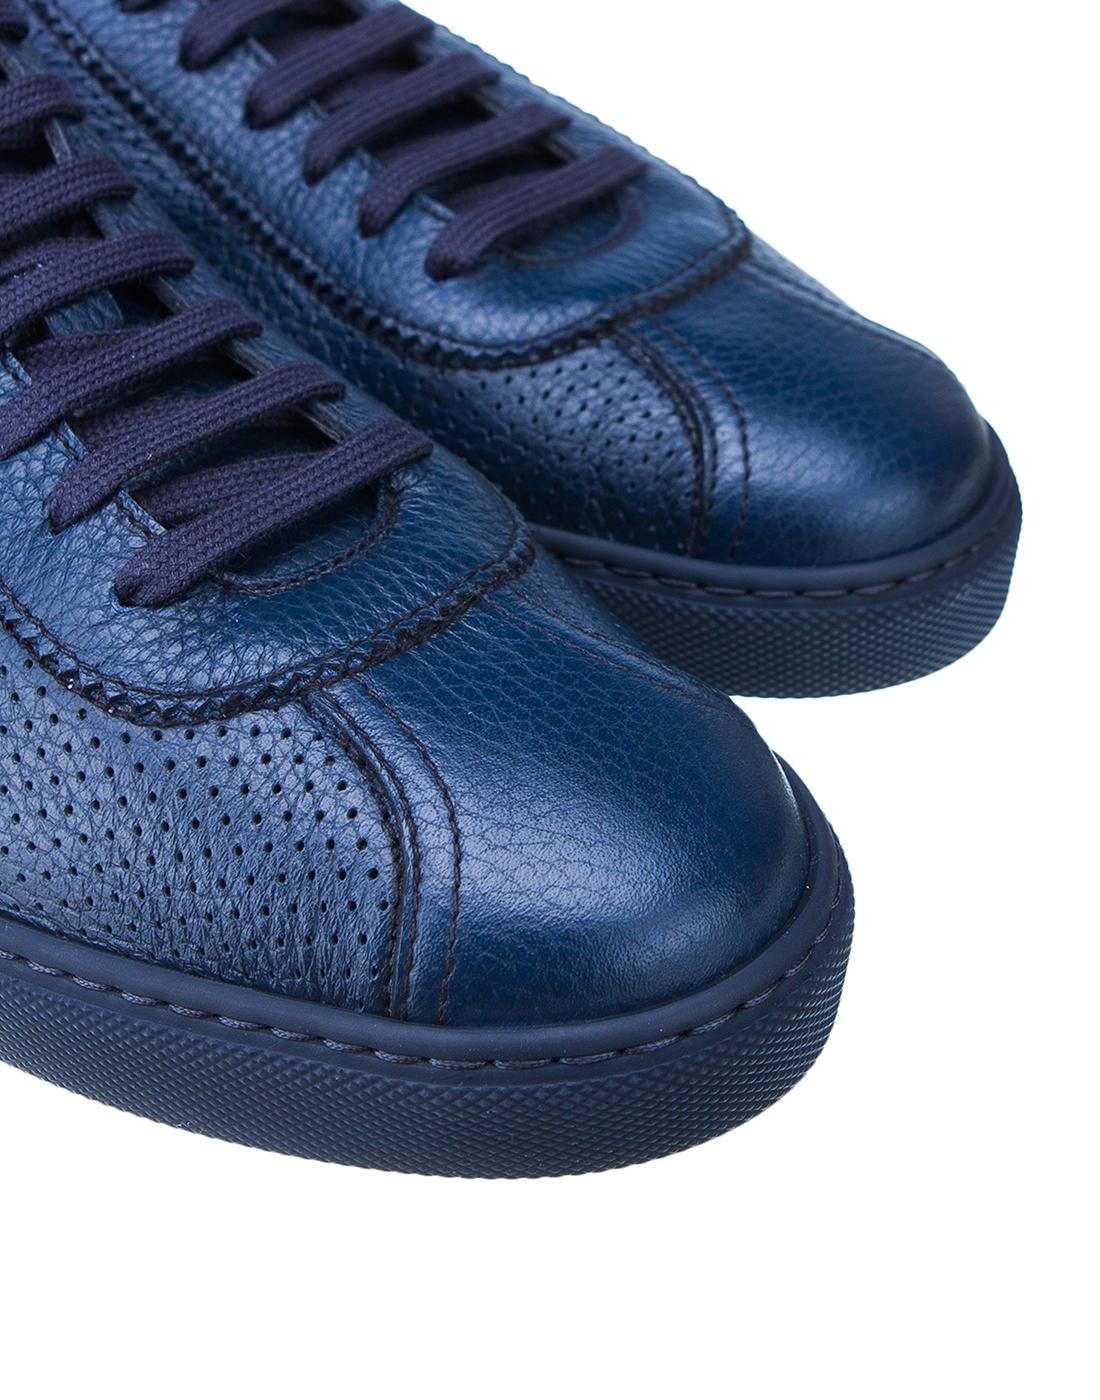 Кеды синие мужские перфорированные  Doucal's SDU2650MANAUZ109BB00-4